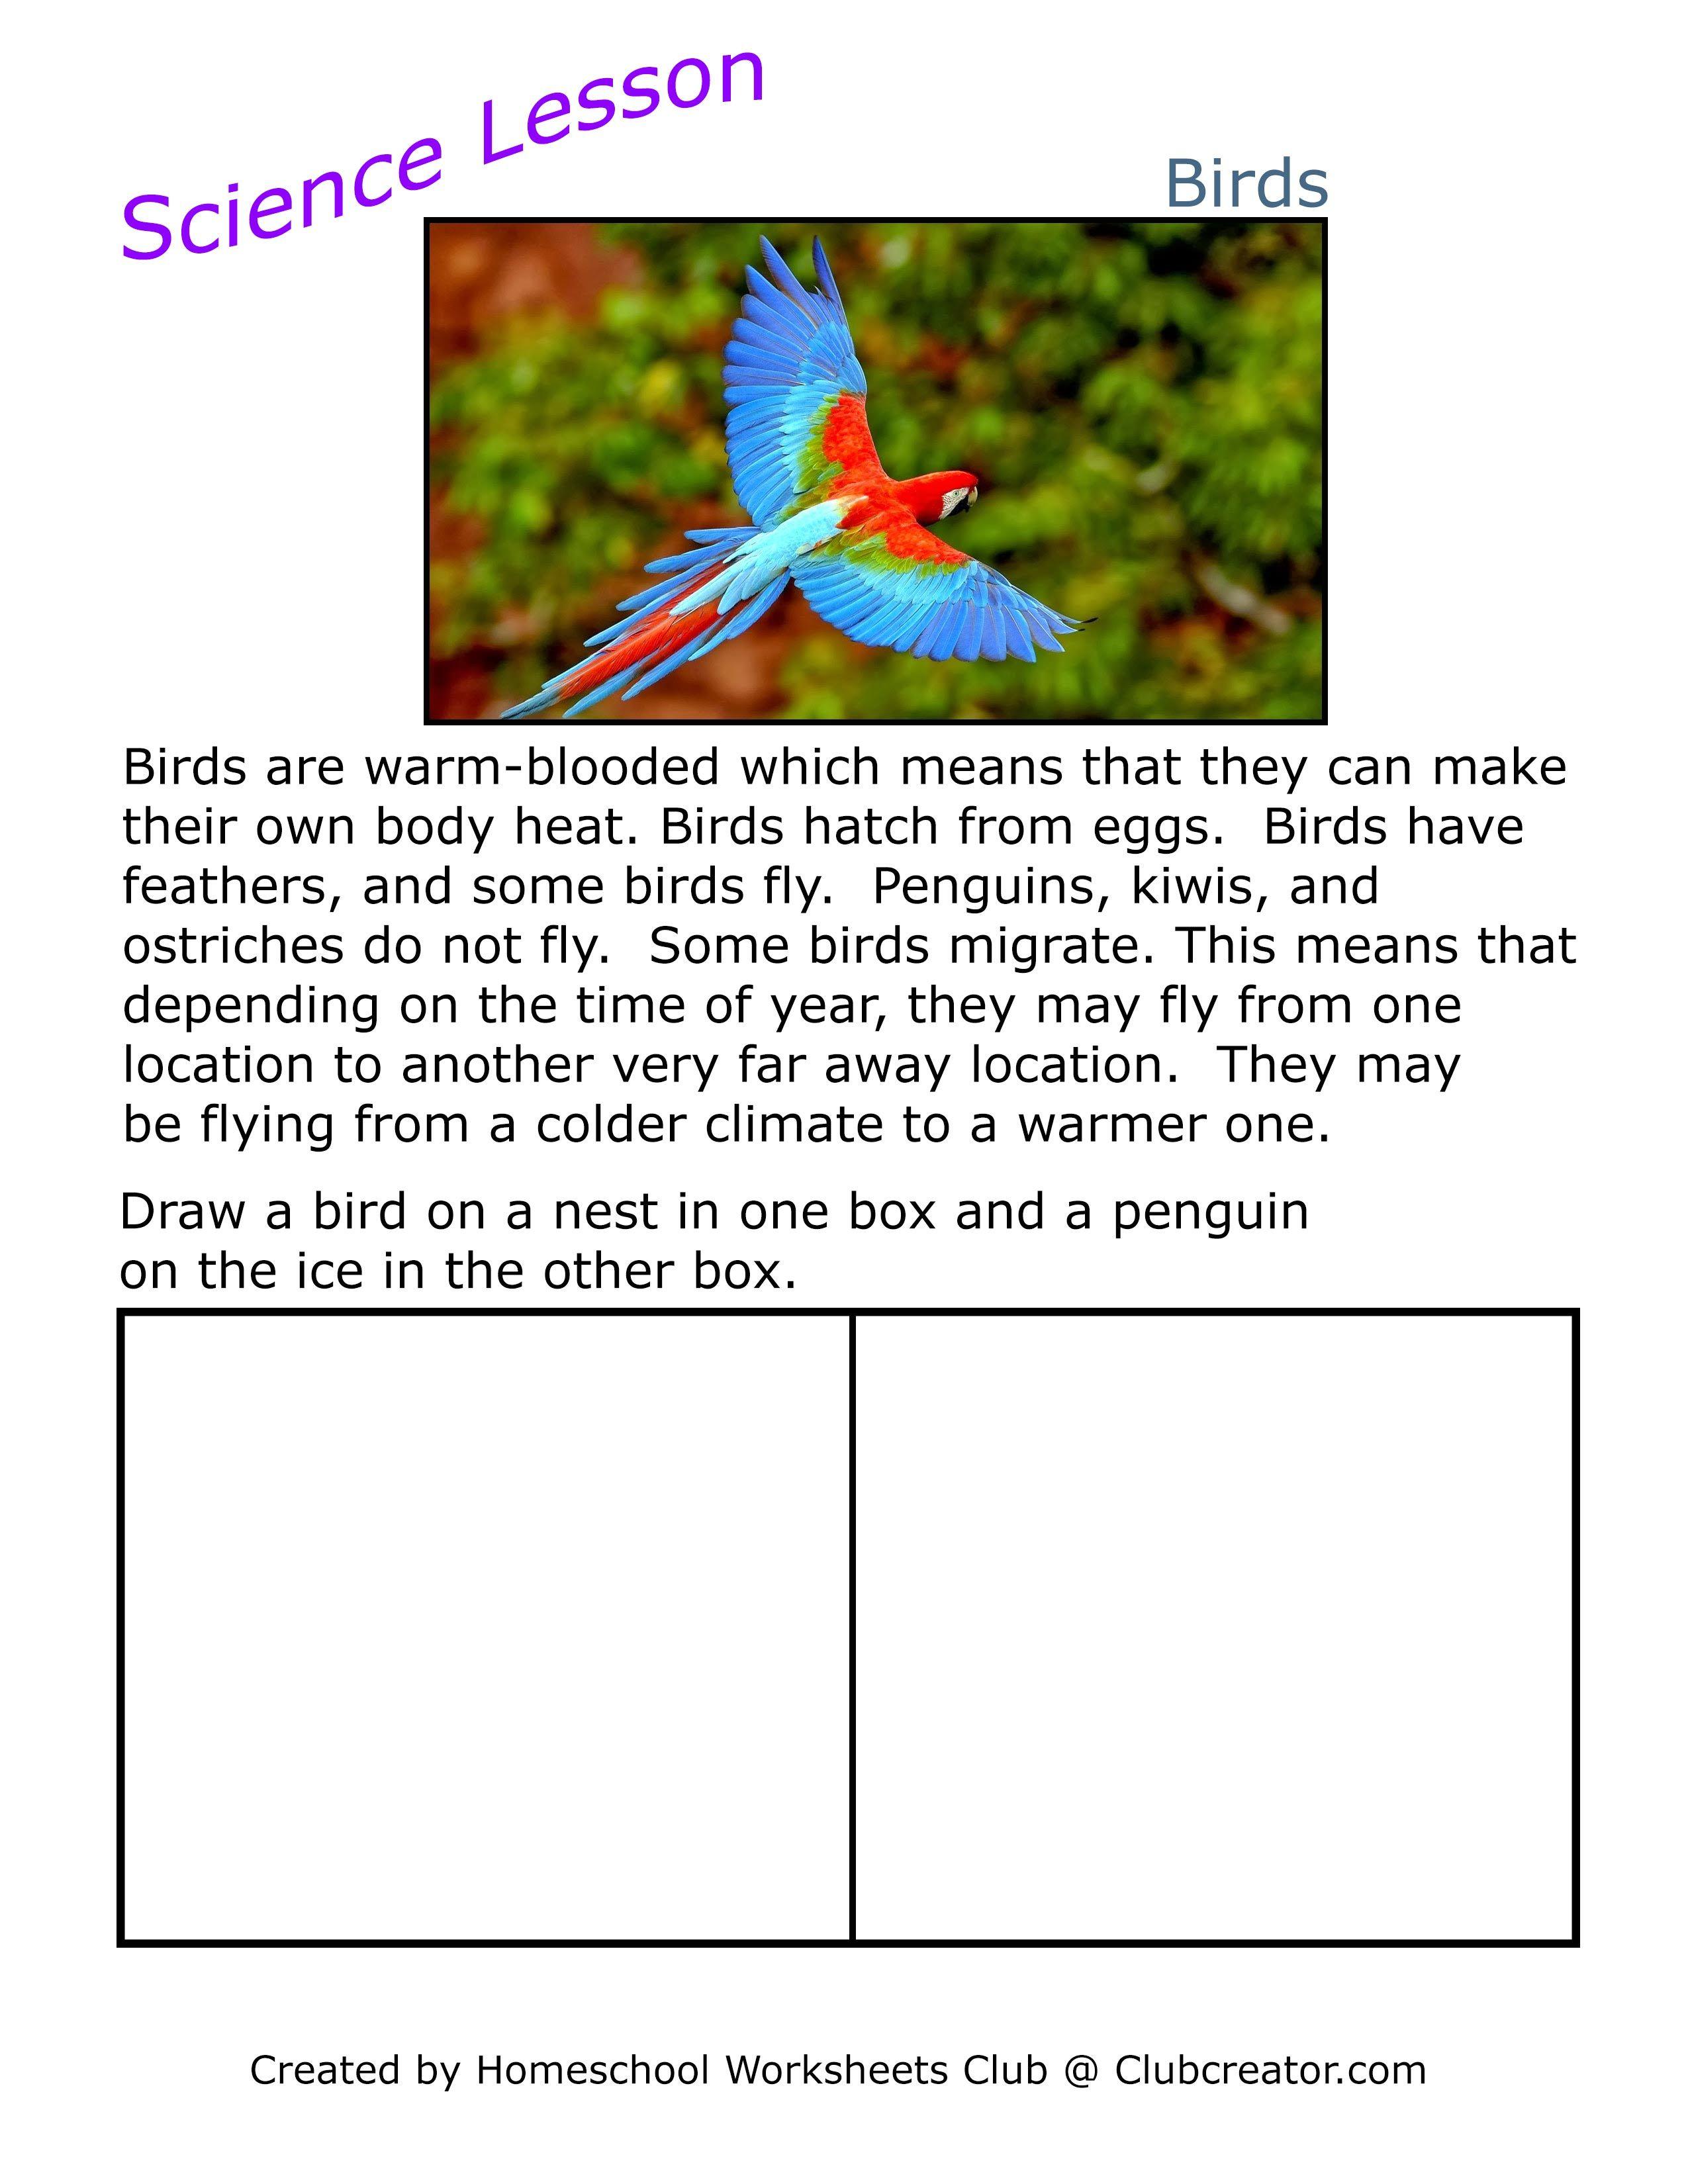 Science Worksheet Birds In 2020 Homeschool Worksheets Online Kindergarten Kindergarten Resources